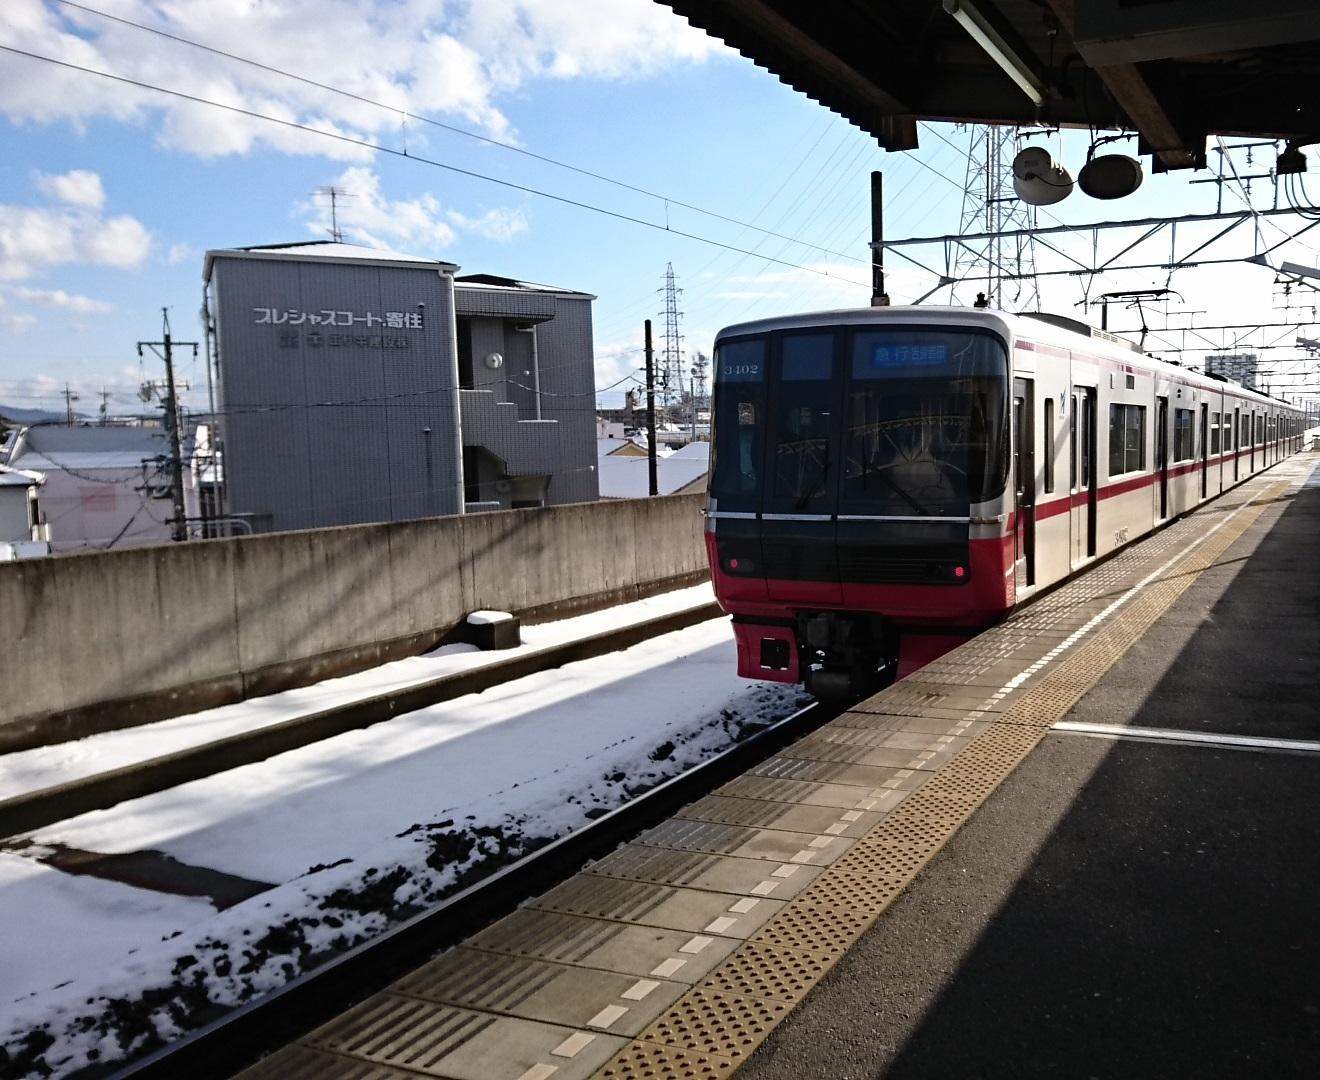 2017.1.15 西尾線 (20) 西尾口 - 吉良吉田いき急行 1320-1080